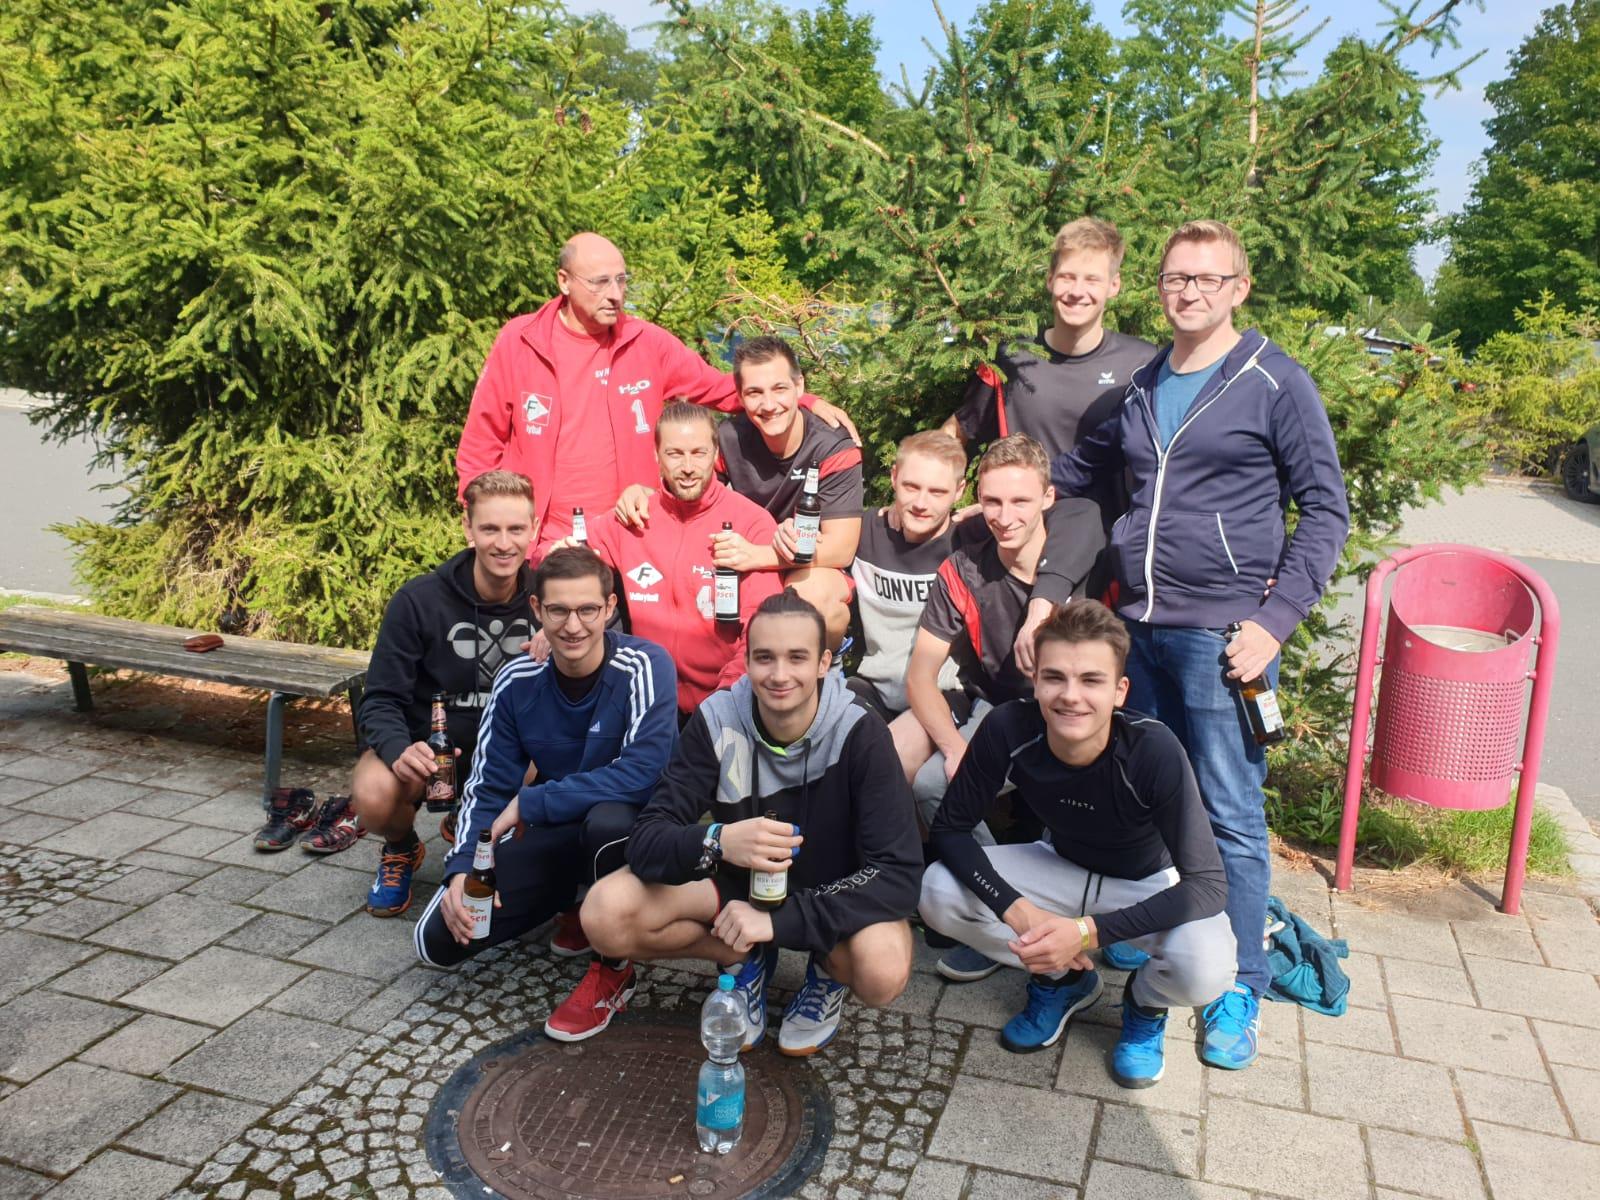 1.Pokalrunde – Pöẞnecker Volleyballer siegen erneut deutlich im Derby gegen Knau, ebenso überlegen gegen den VC Altenburg und ziehen somit in die 2. Pokalrunde des Thüringer Volleyball Verbandes ein